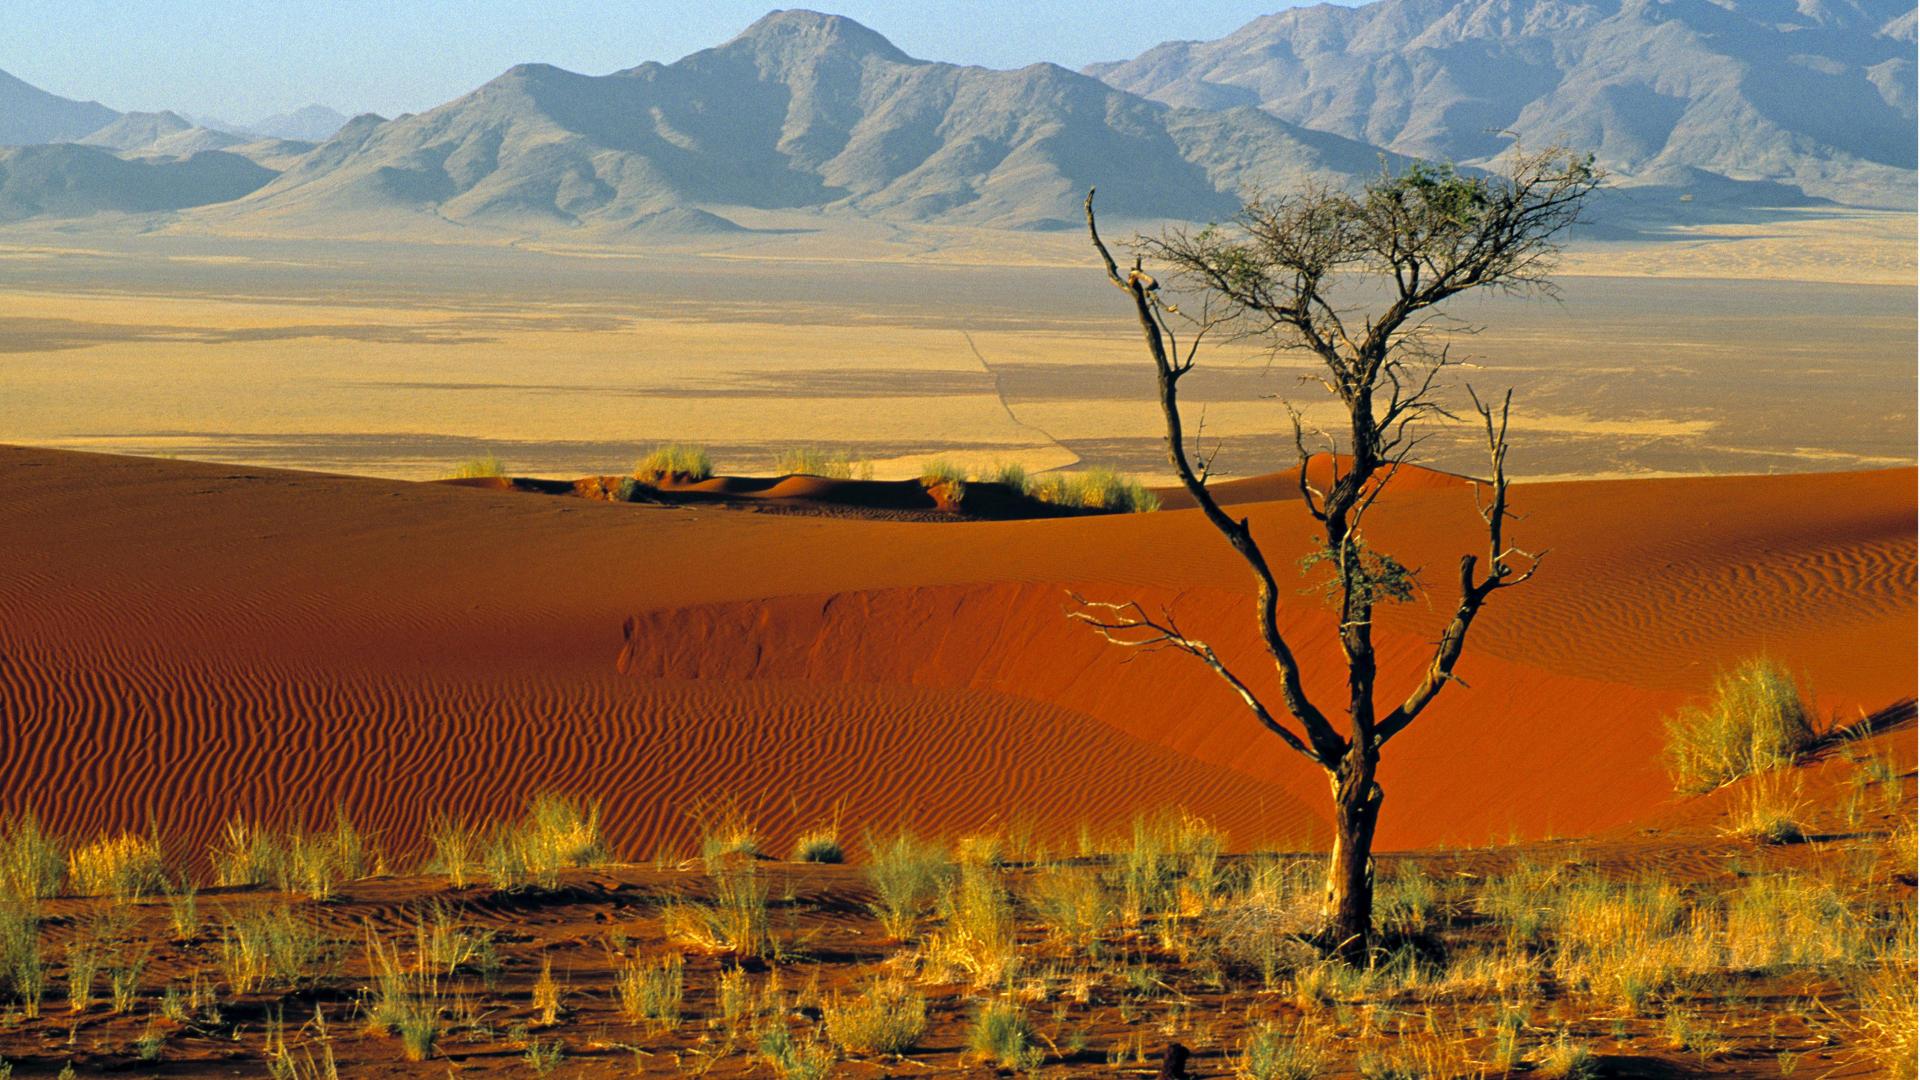 ложкой африканские пейзажи картинки такого